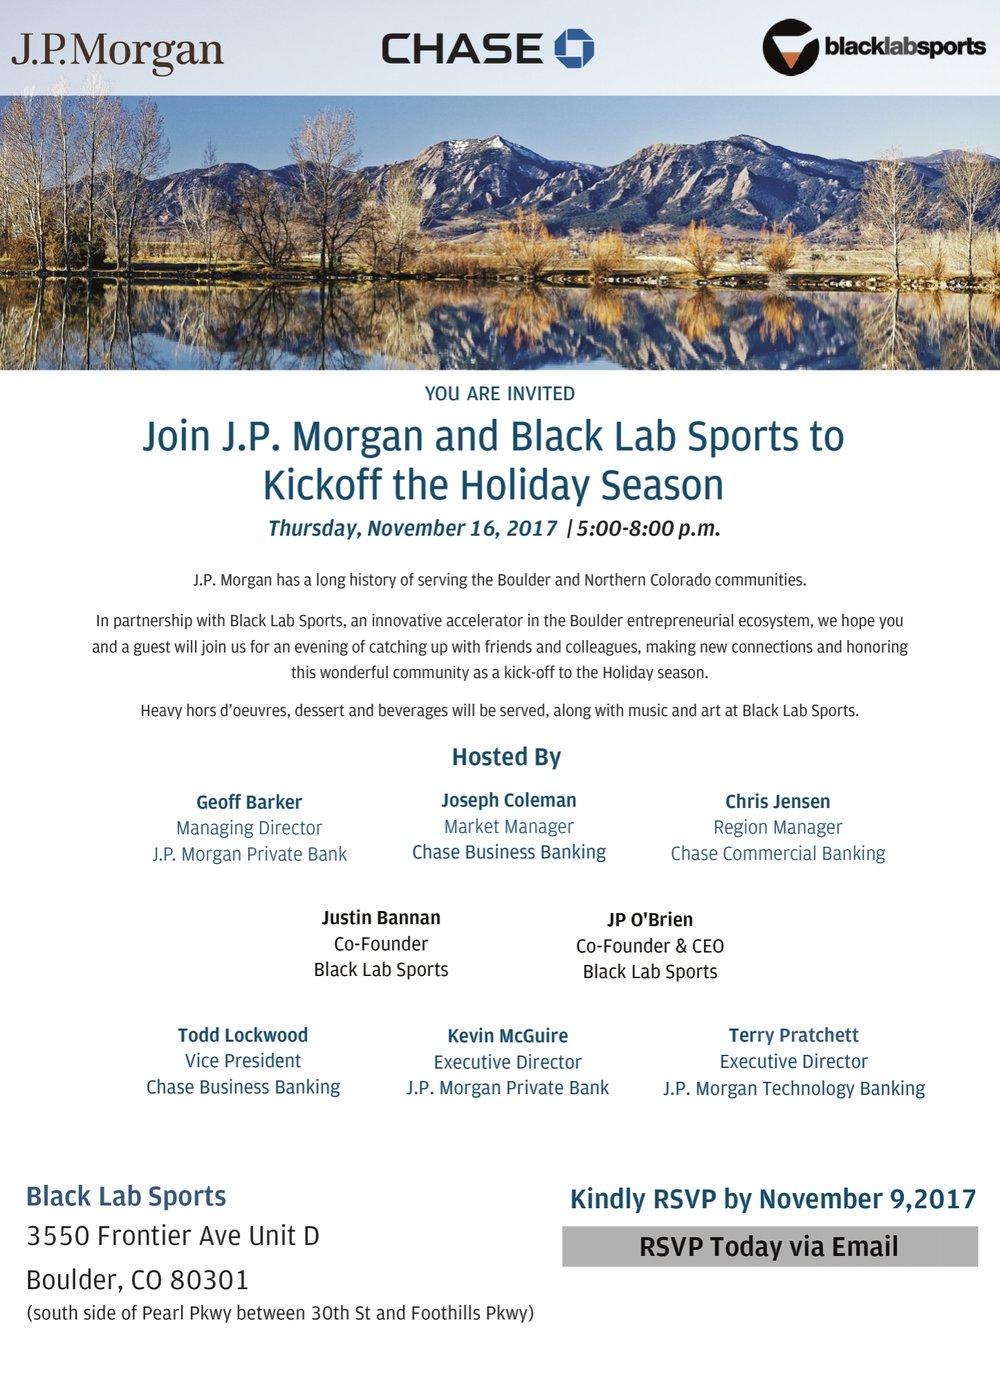 Join JPMorgan and Black Lab Sports to Kickoff the Holiday Season.jpg